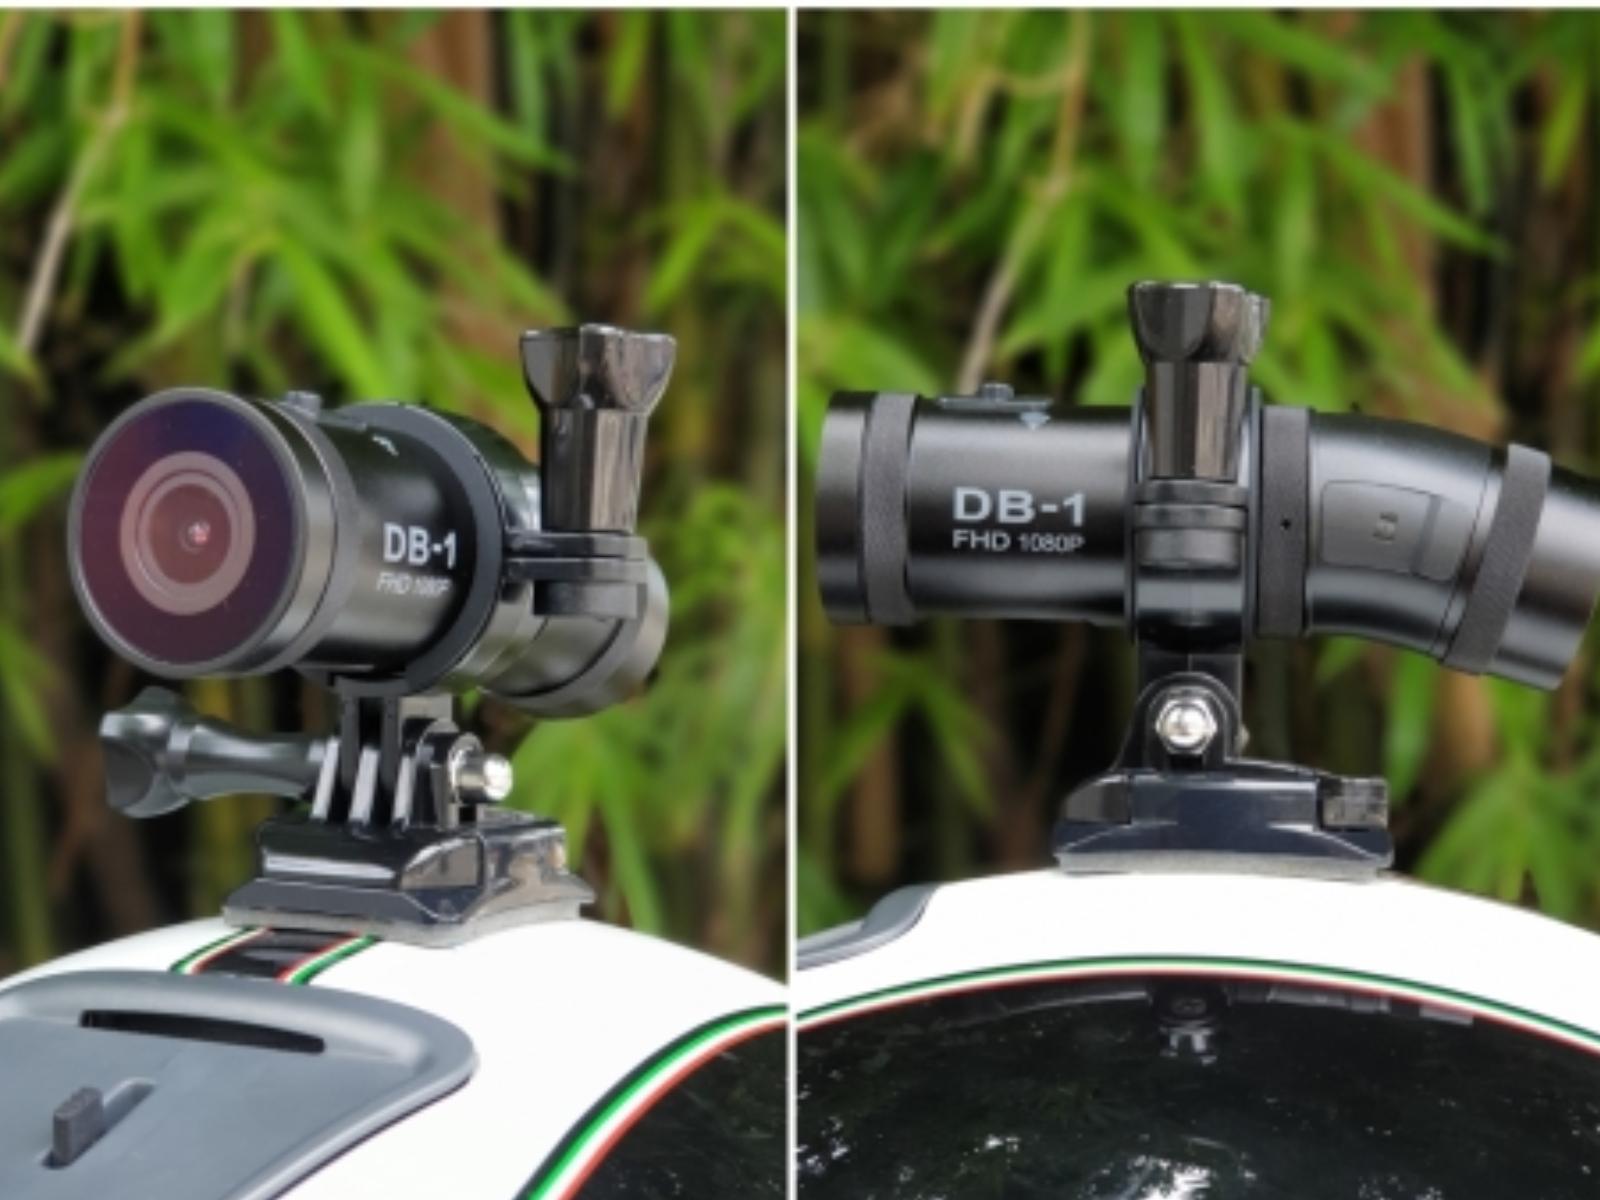 行車紀錄器 PTT 推薦|DB-1 雙捷龍前後雙錄行車記錄器,對付三寶必備利器